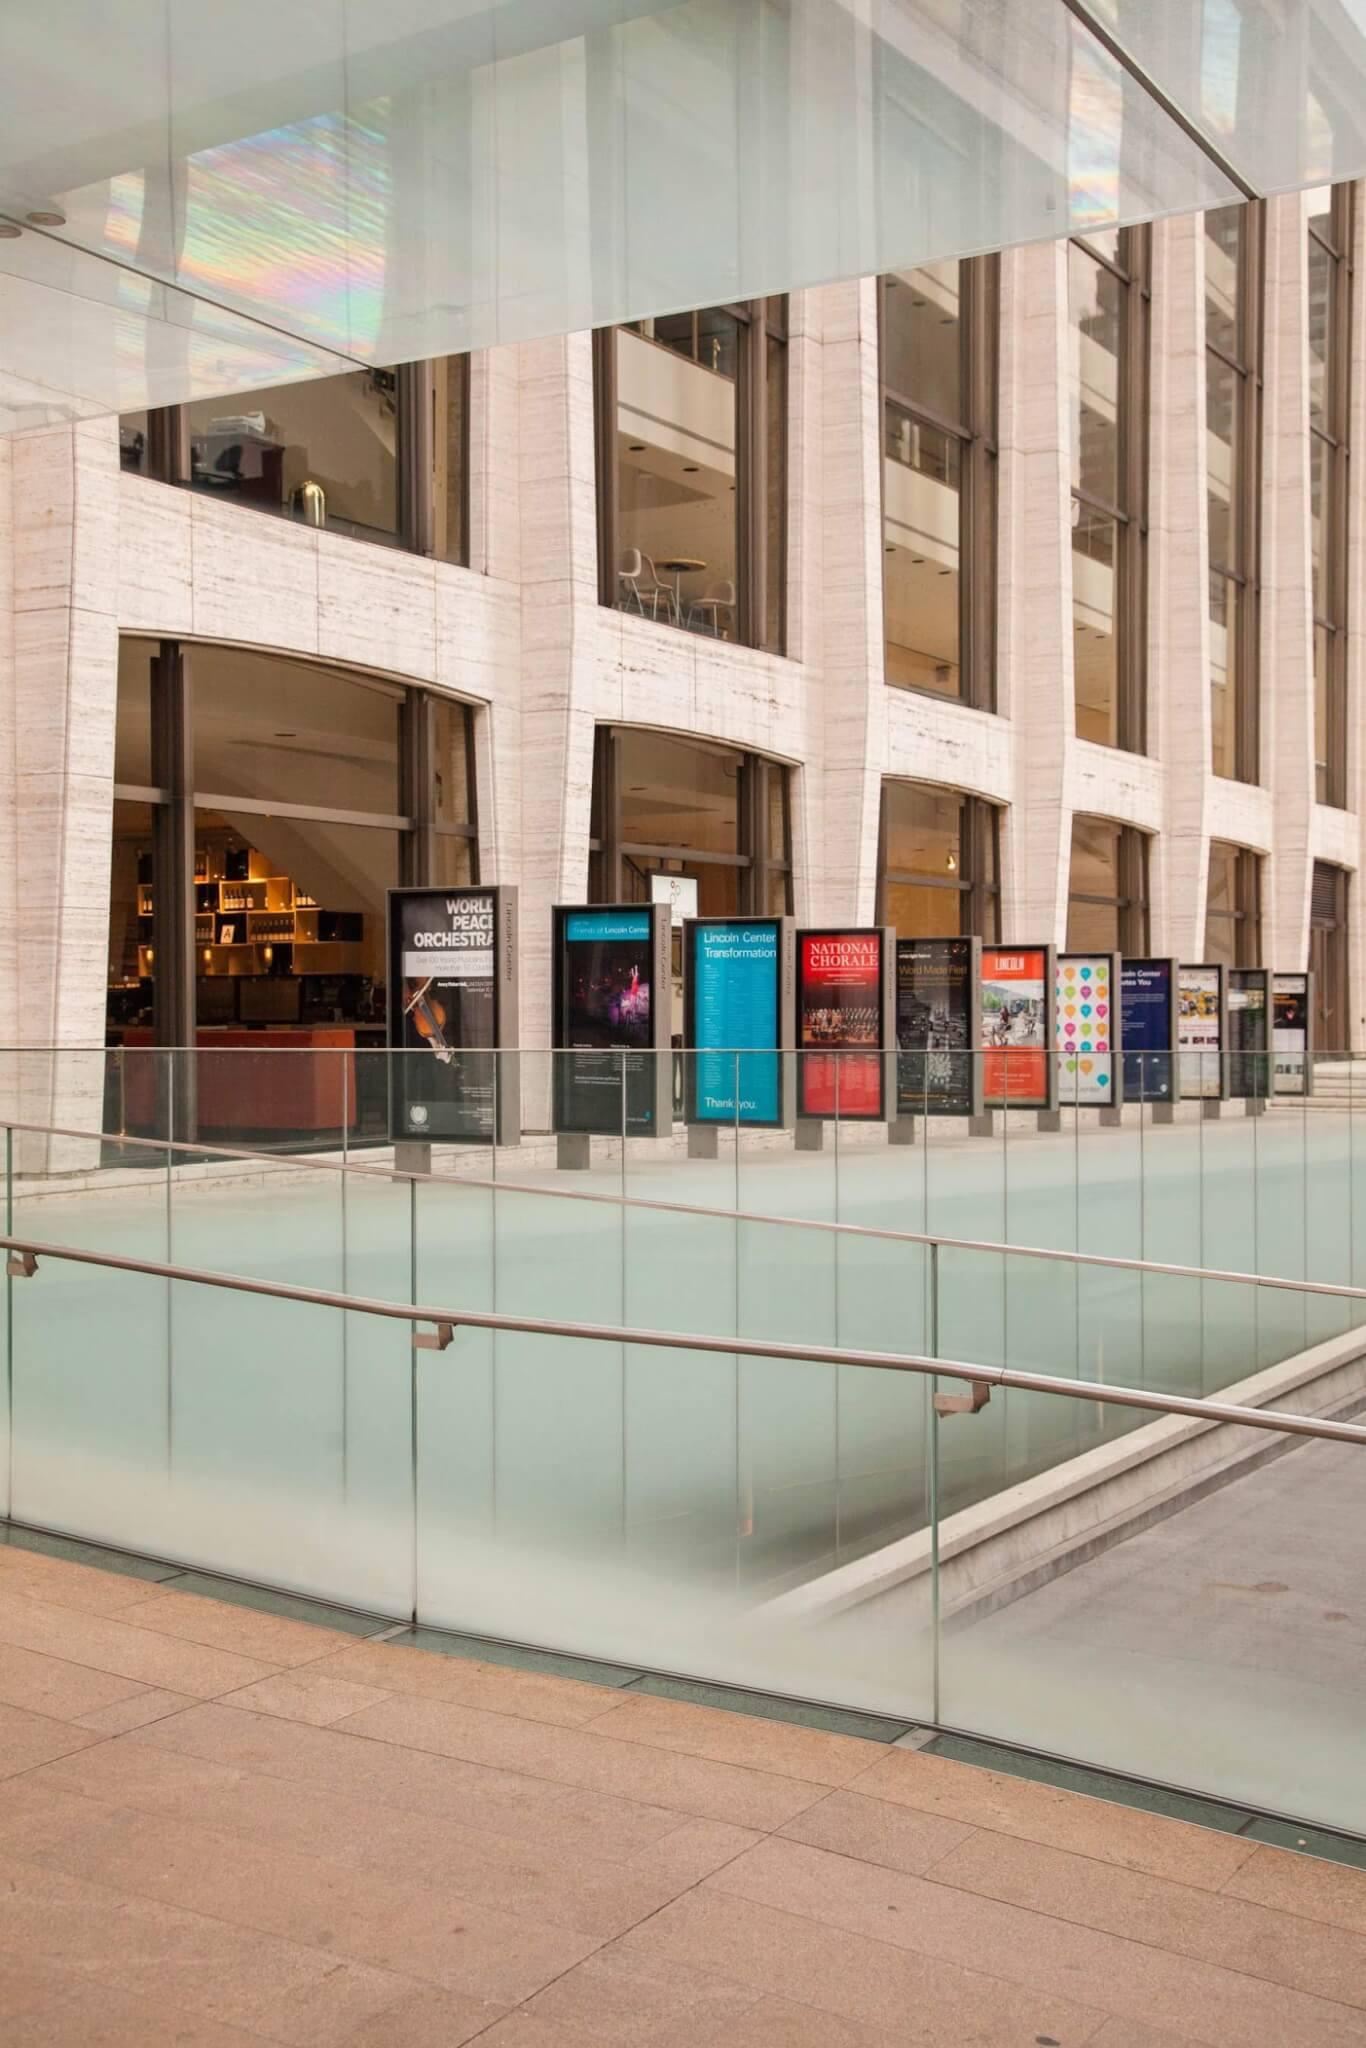 Lincoln Center Promenade